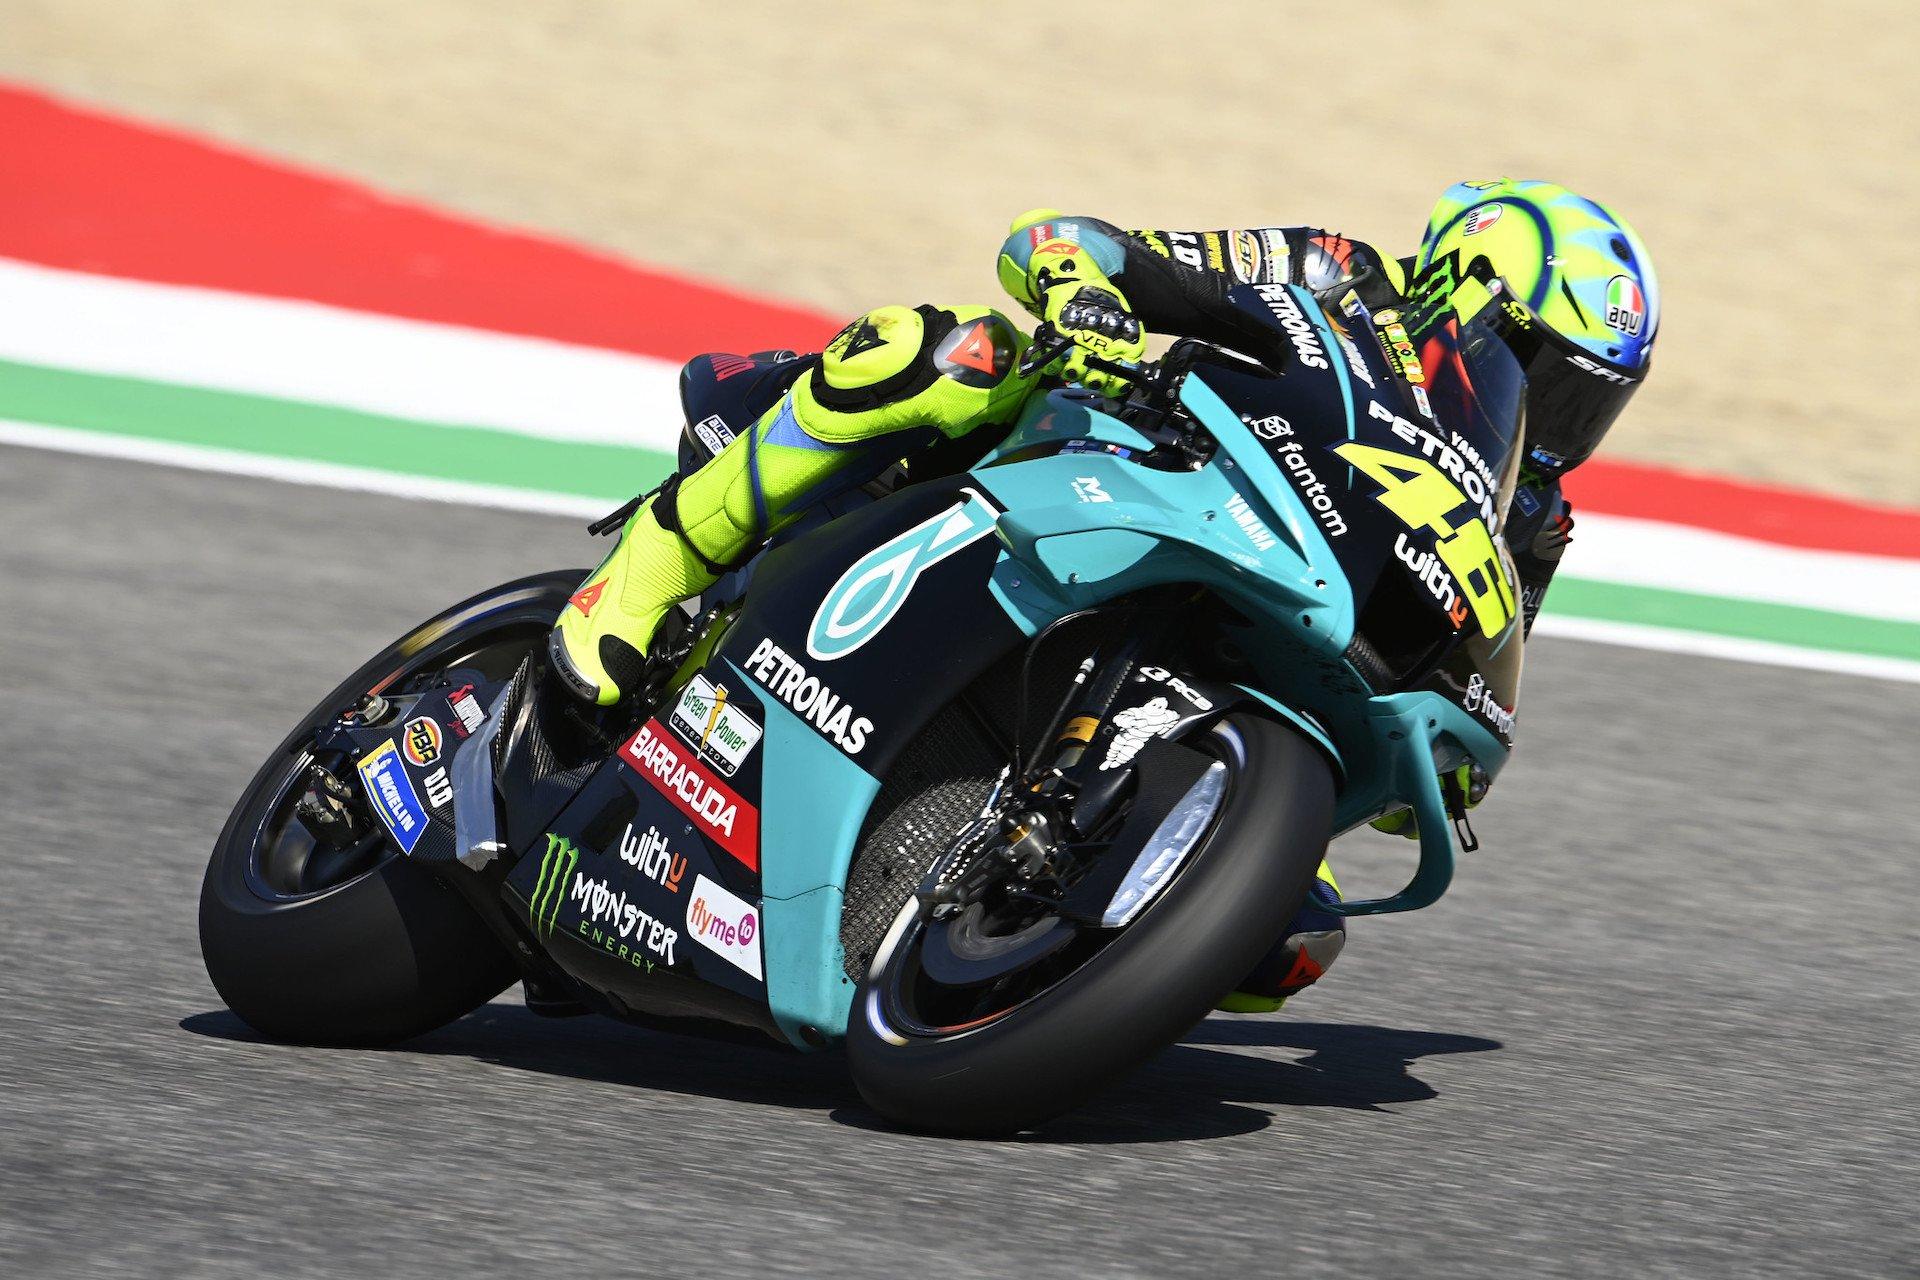 GP italia, viernes: Valentino Rossi, penúltimo (vídeo). Bagnaia lidera